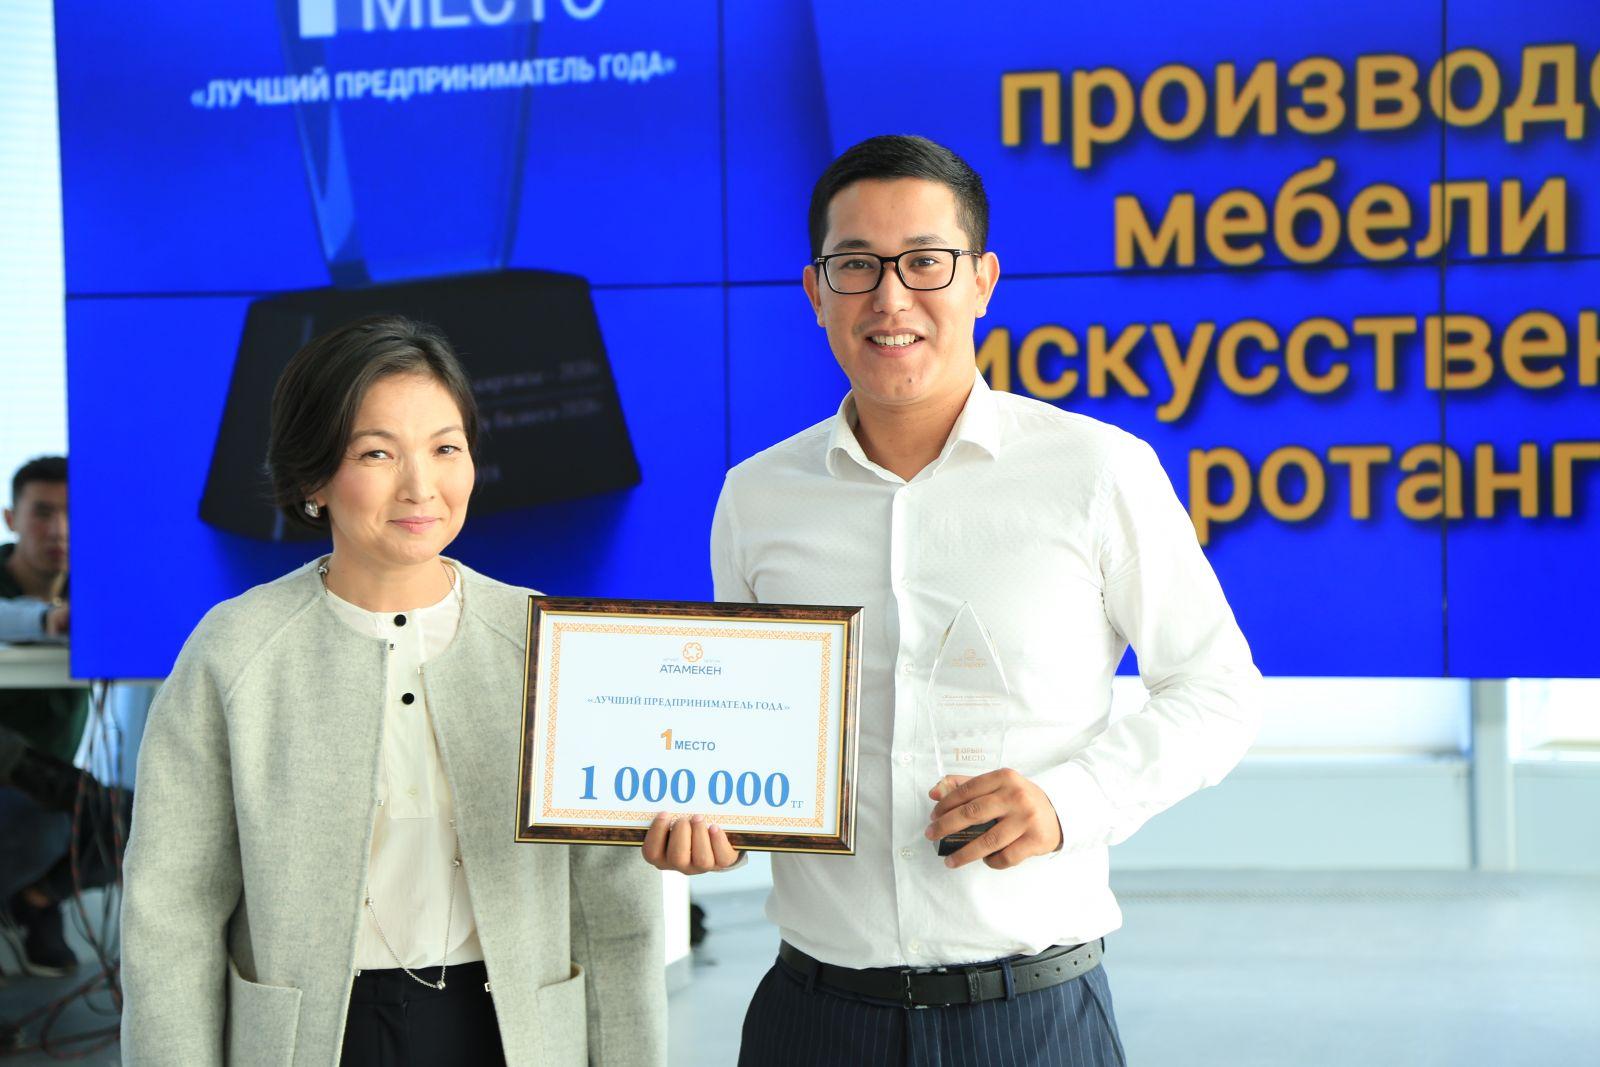 Лучший молодой предприниматель из Шымкента получил 1 млн тенге на развитие, Атамекен, Лучший предприниматель года, НПП, Дорожная карта бизнеса 2020